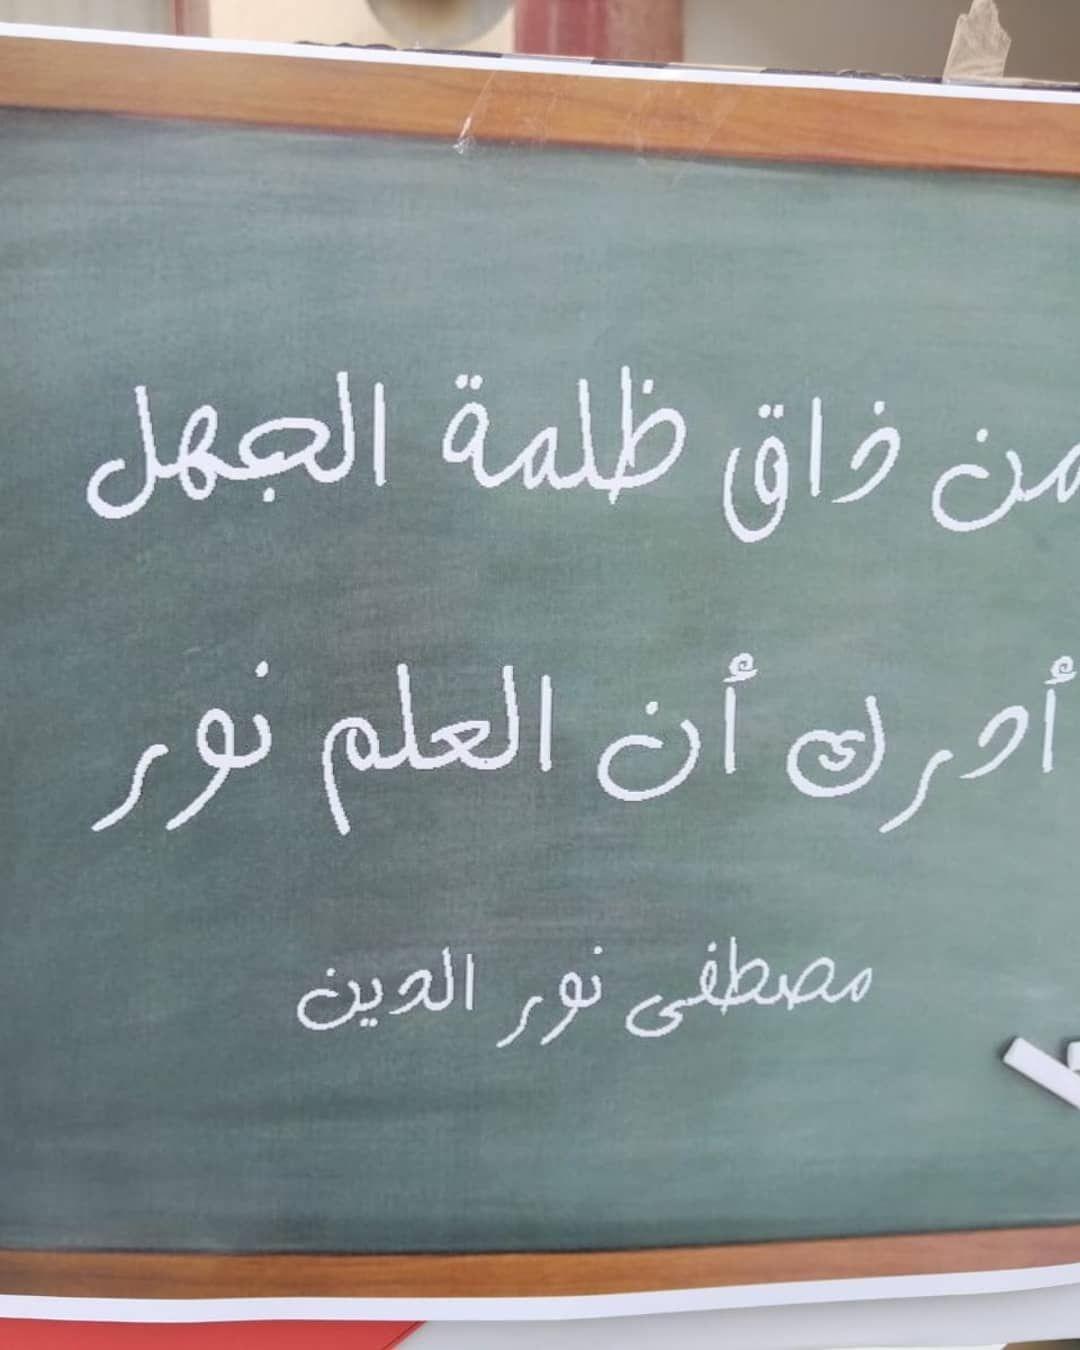 برنامج إذاعي لقسم التربية الفنية من ذاق ظلمة الجهل أدرك أن العلم نور مصطفى نور الدين Art Quotes Chalkboard Quote Art Chalkboard Quotes